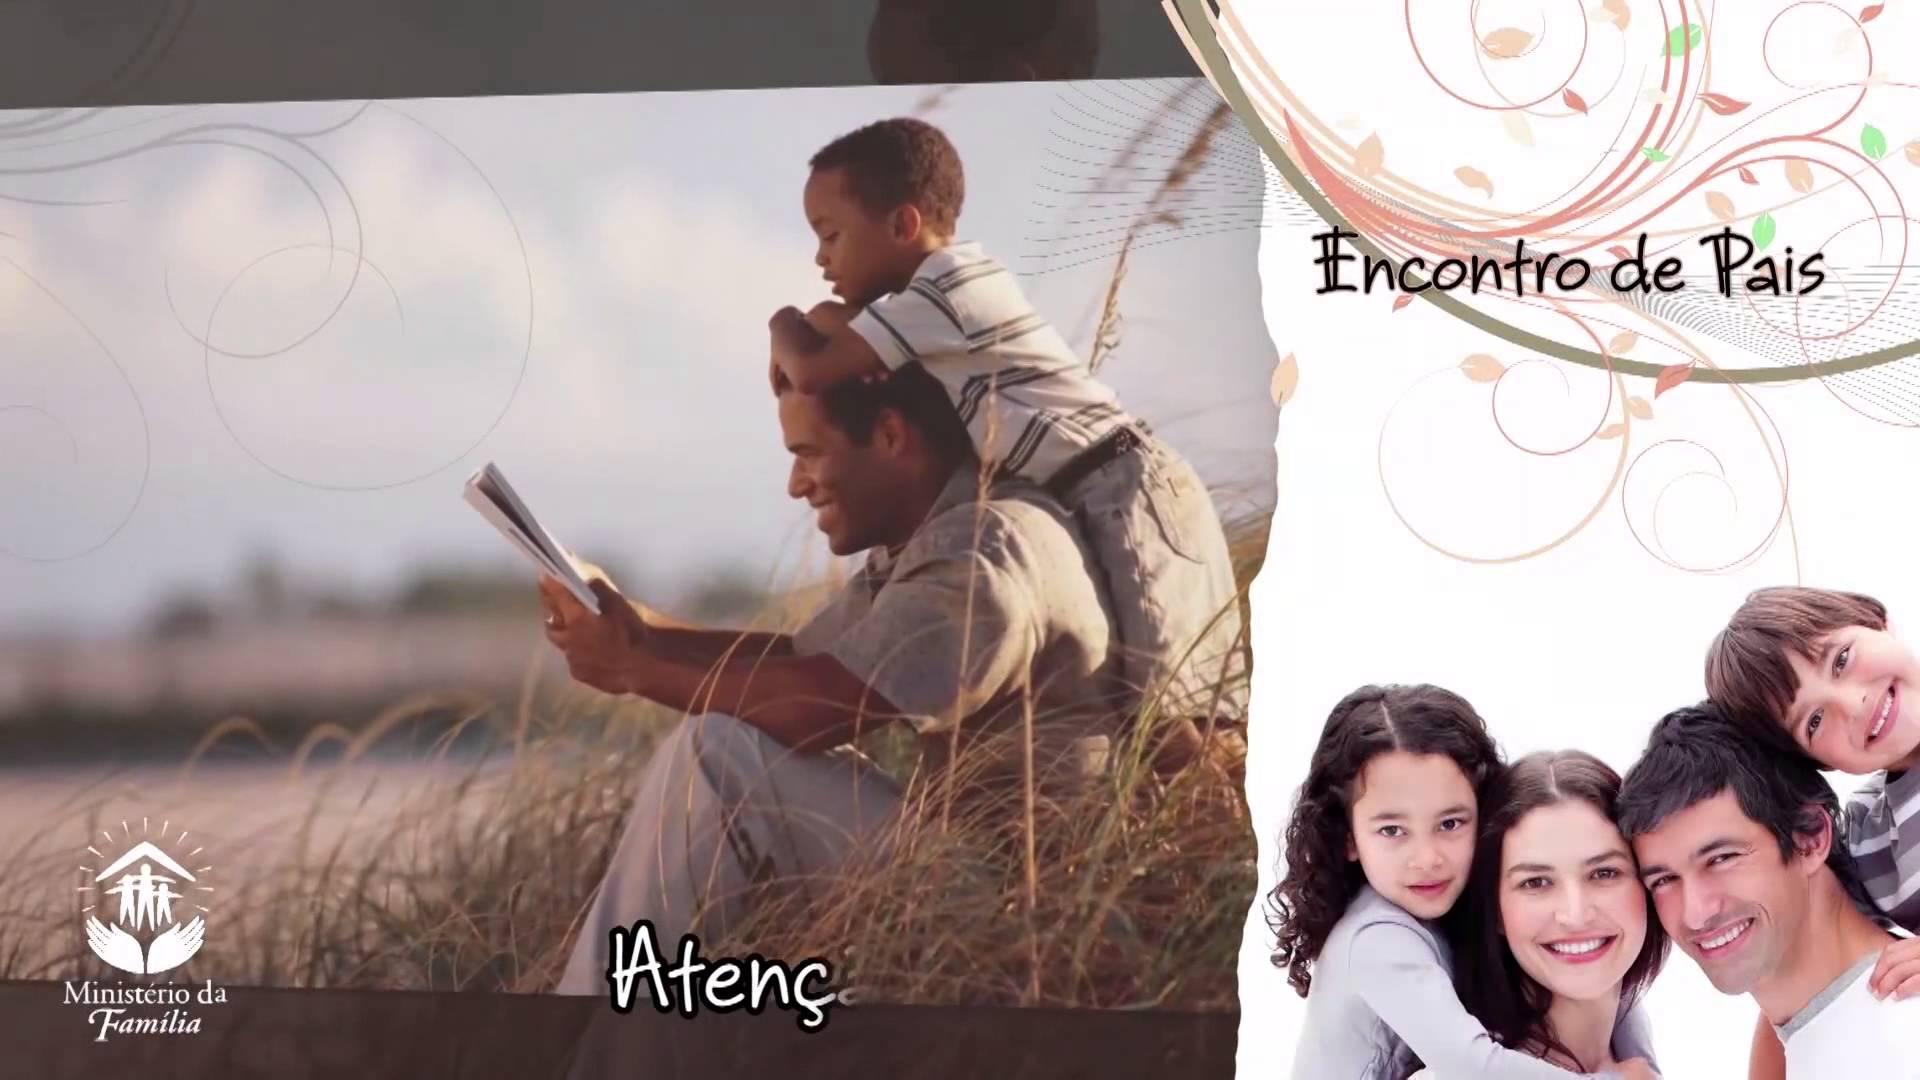 Trailer: Encontro de Pais 2013 da Igreja Adventista